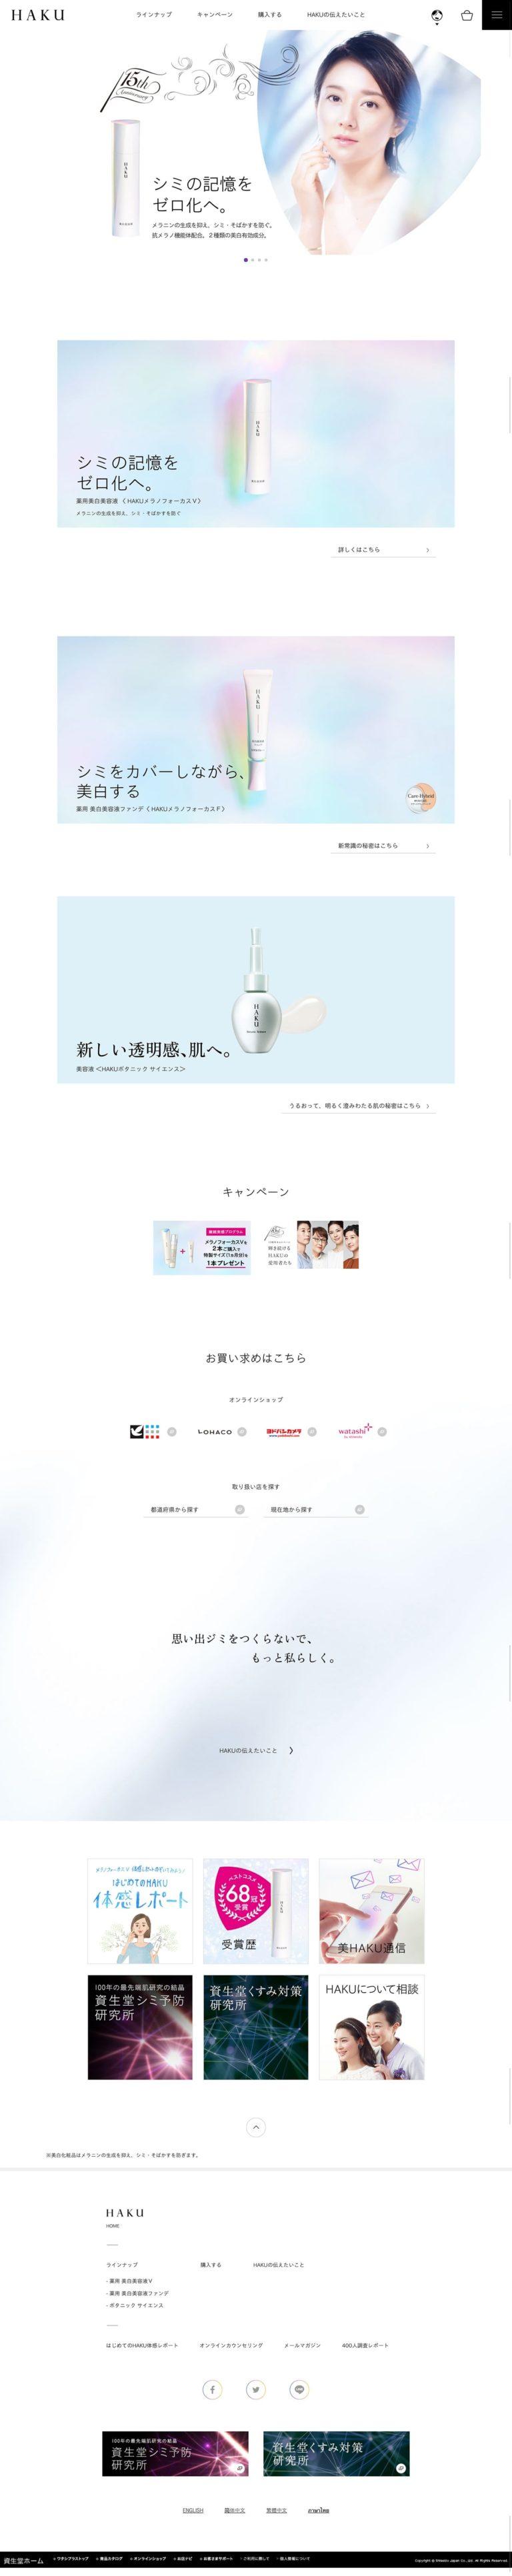 HAKU(ハク)|資生堂|シミ 美白化粧品